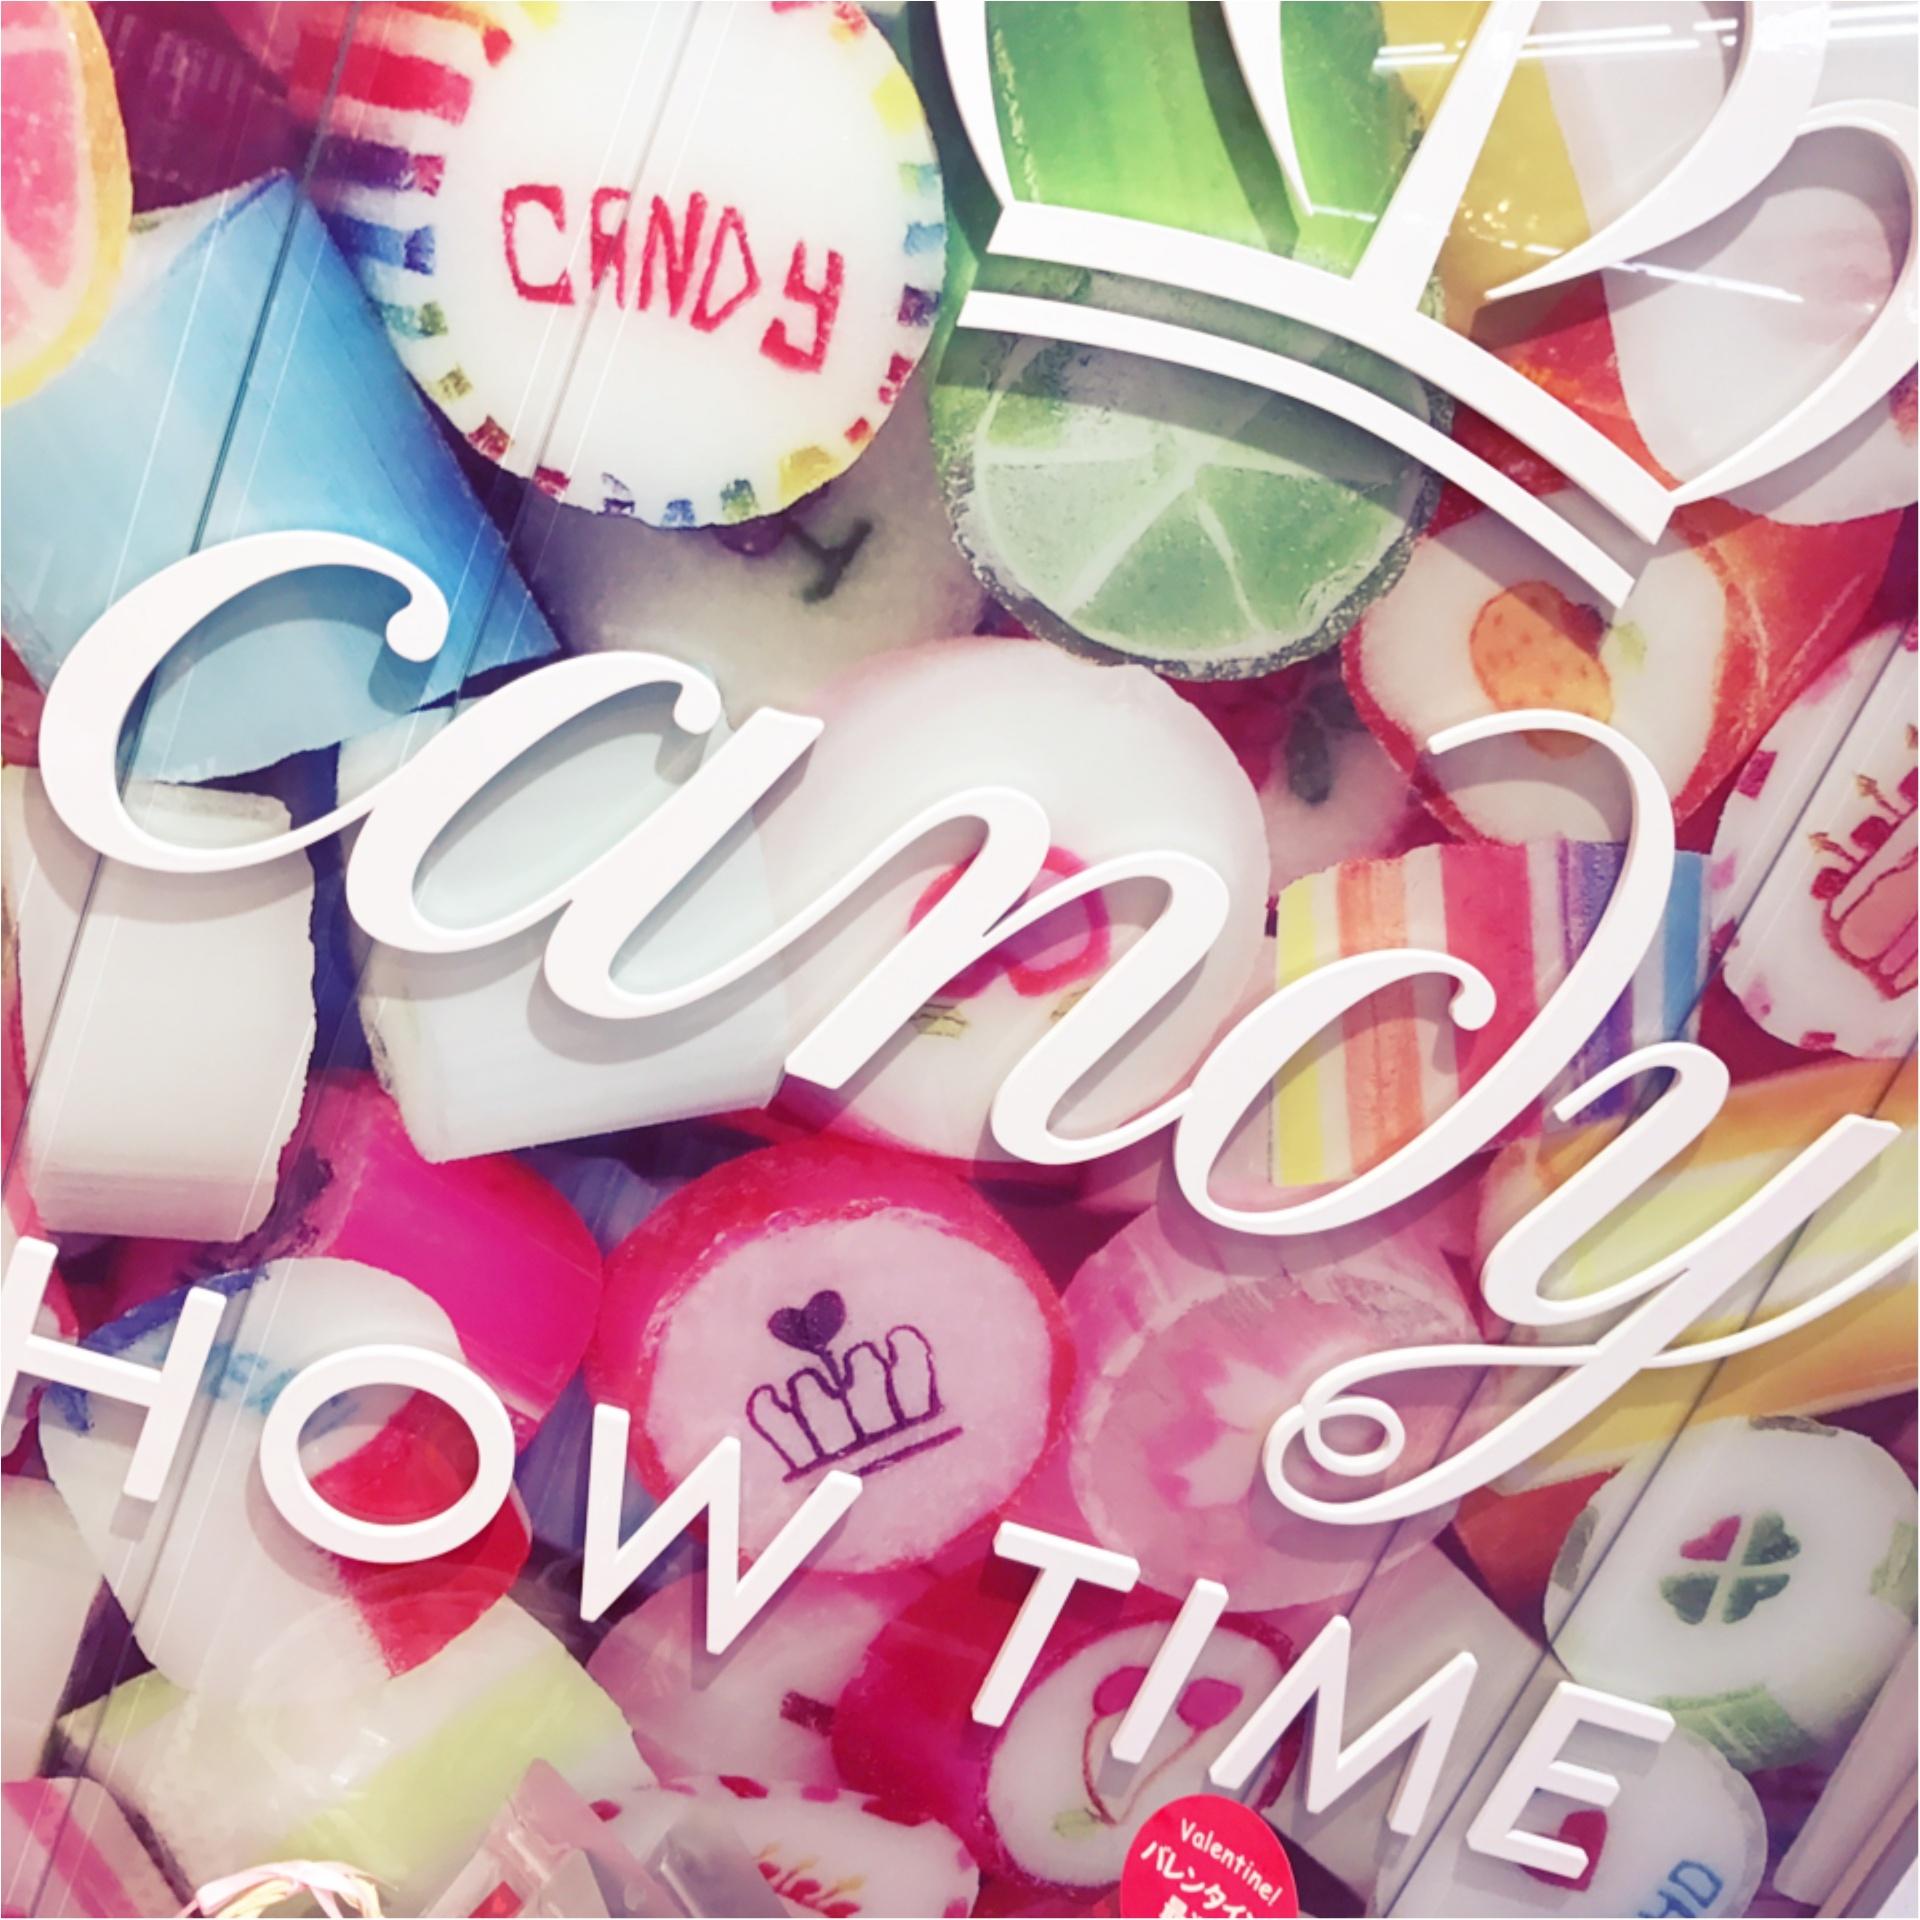 ★手土産にいかが?見た目も可愛い『candy SHOW TIME』の手作りキャンディーはお呼ばれに最適スイーツ★_1